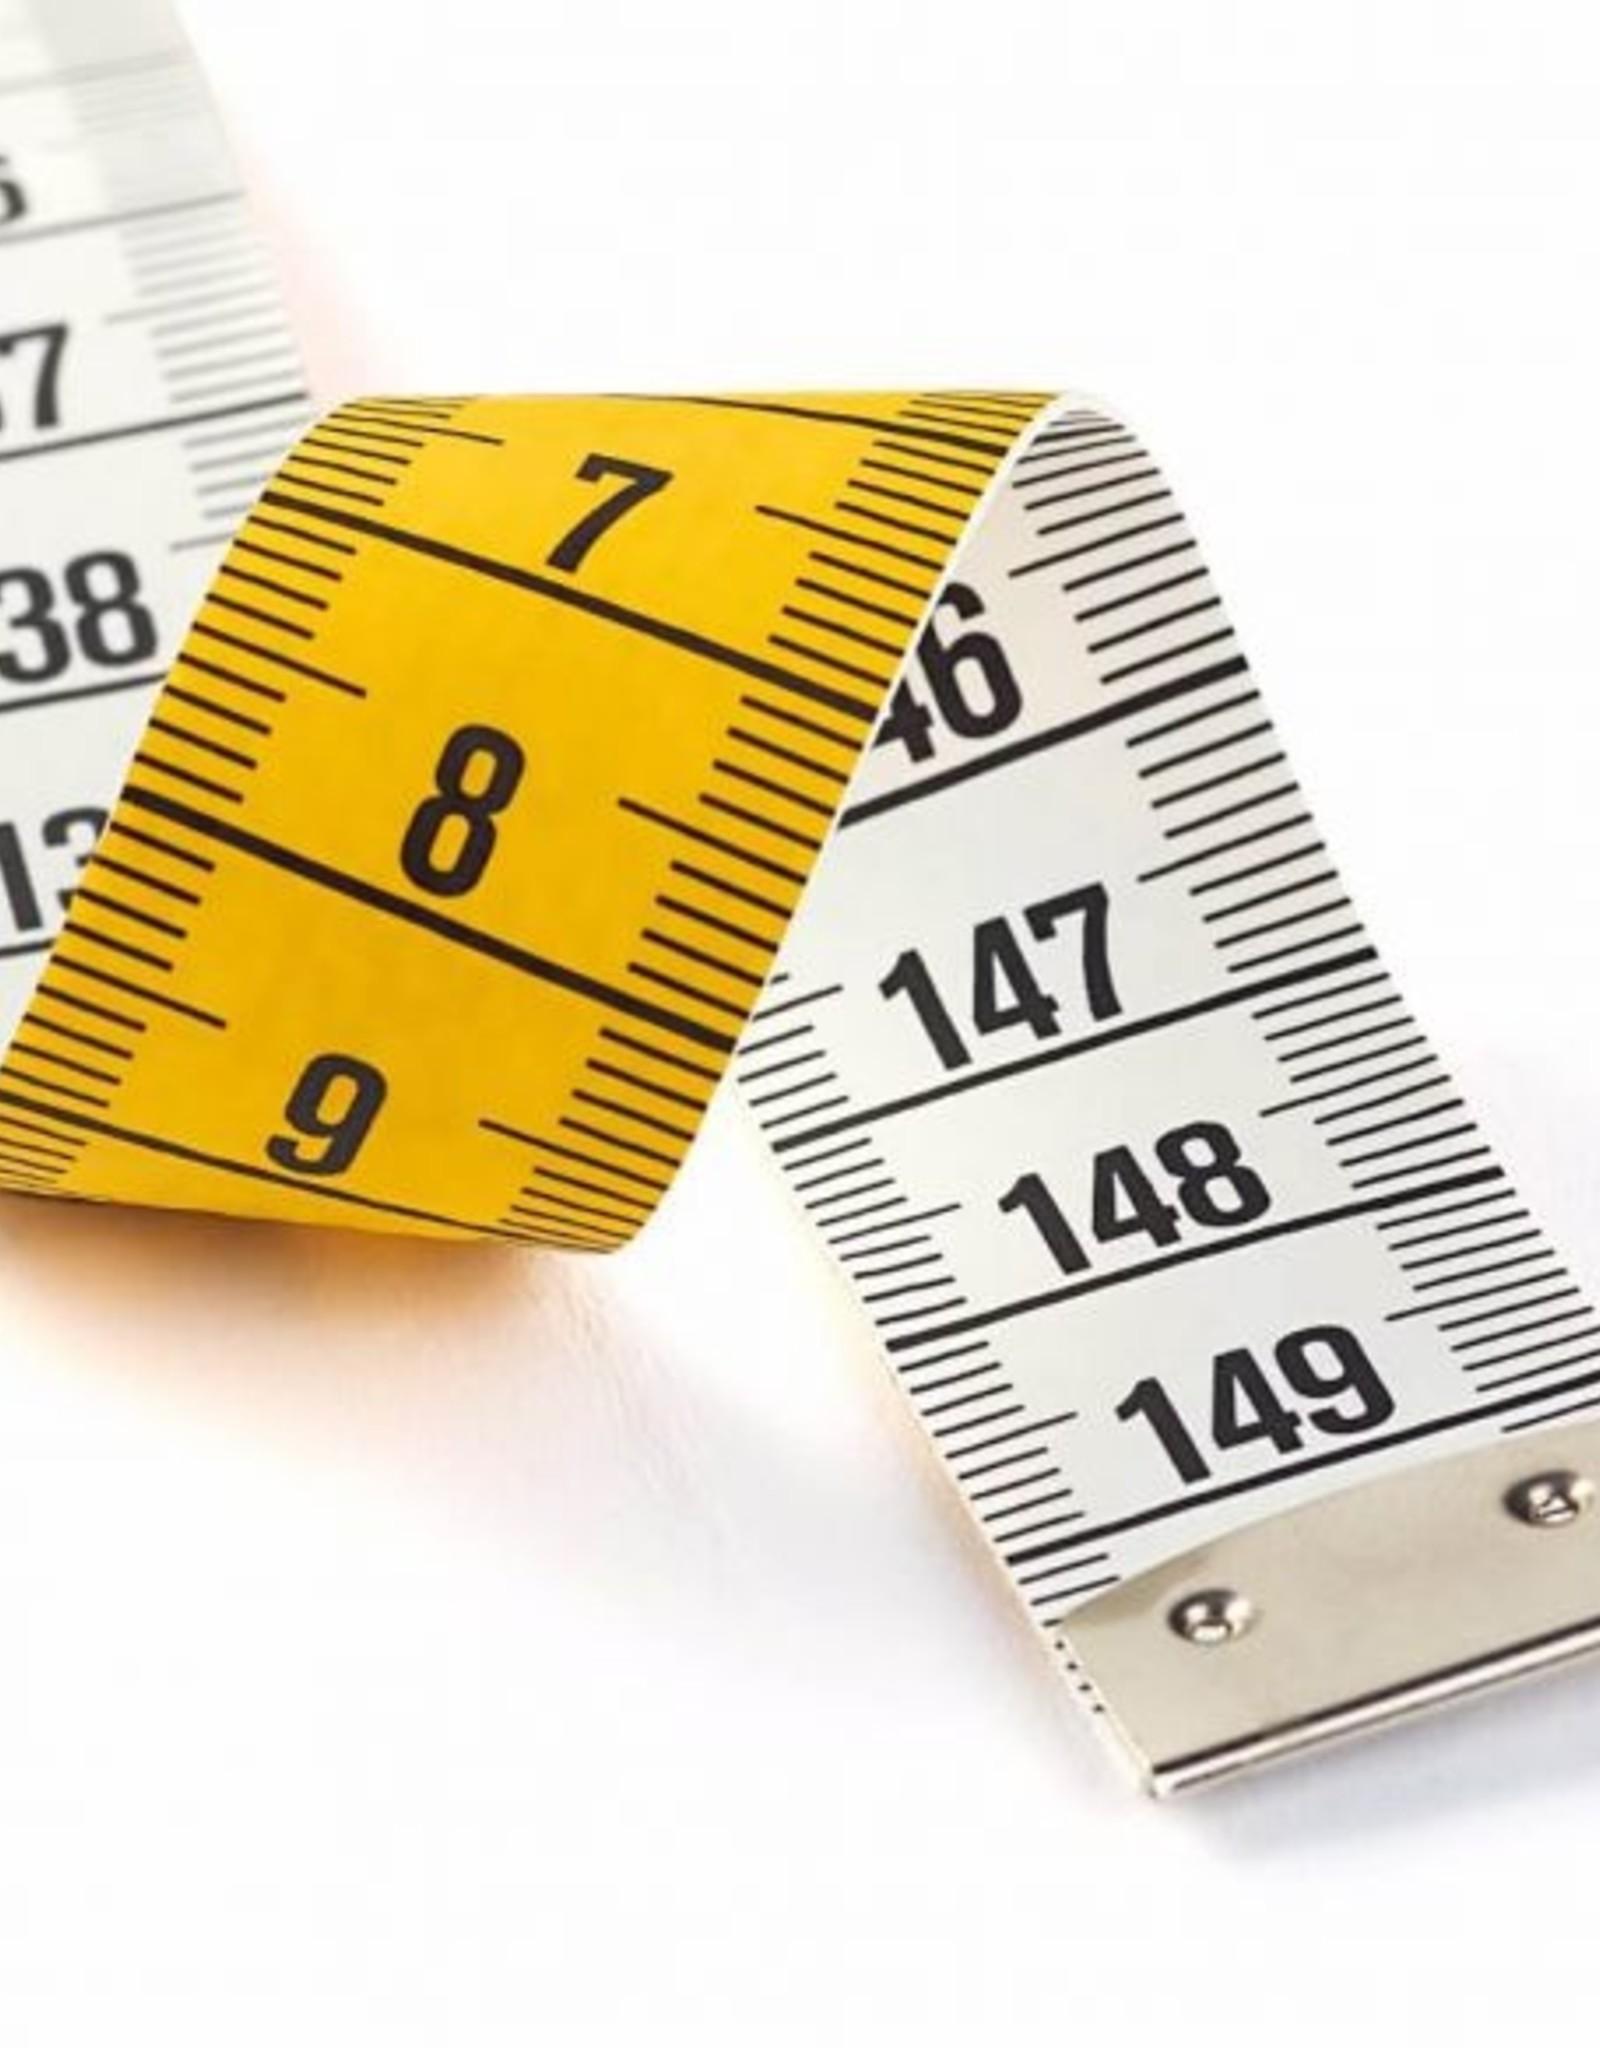 Prym Prym - lintmeter 150cm - 282 101